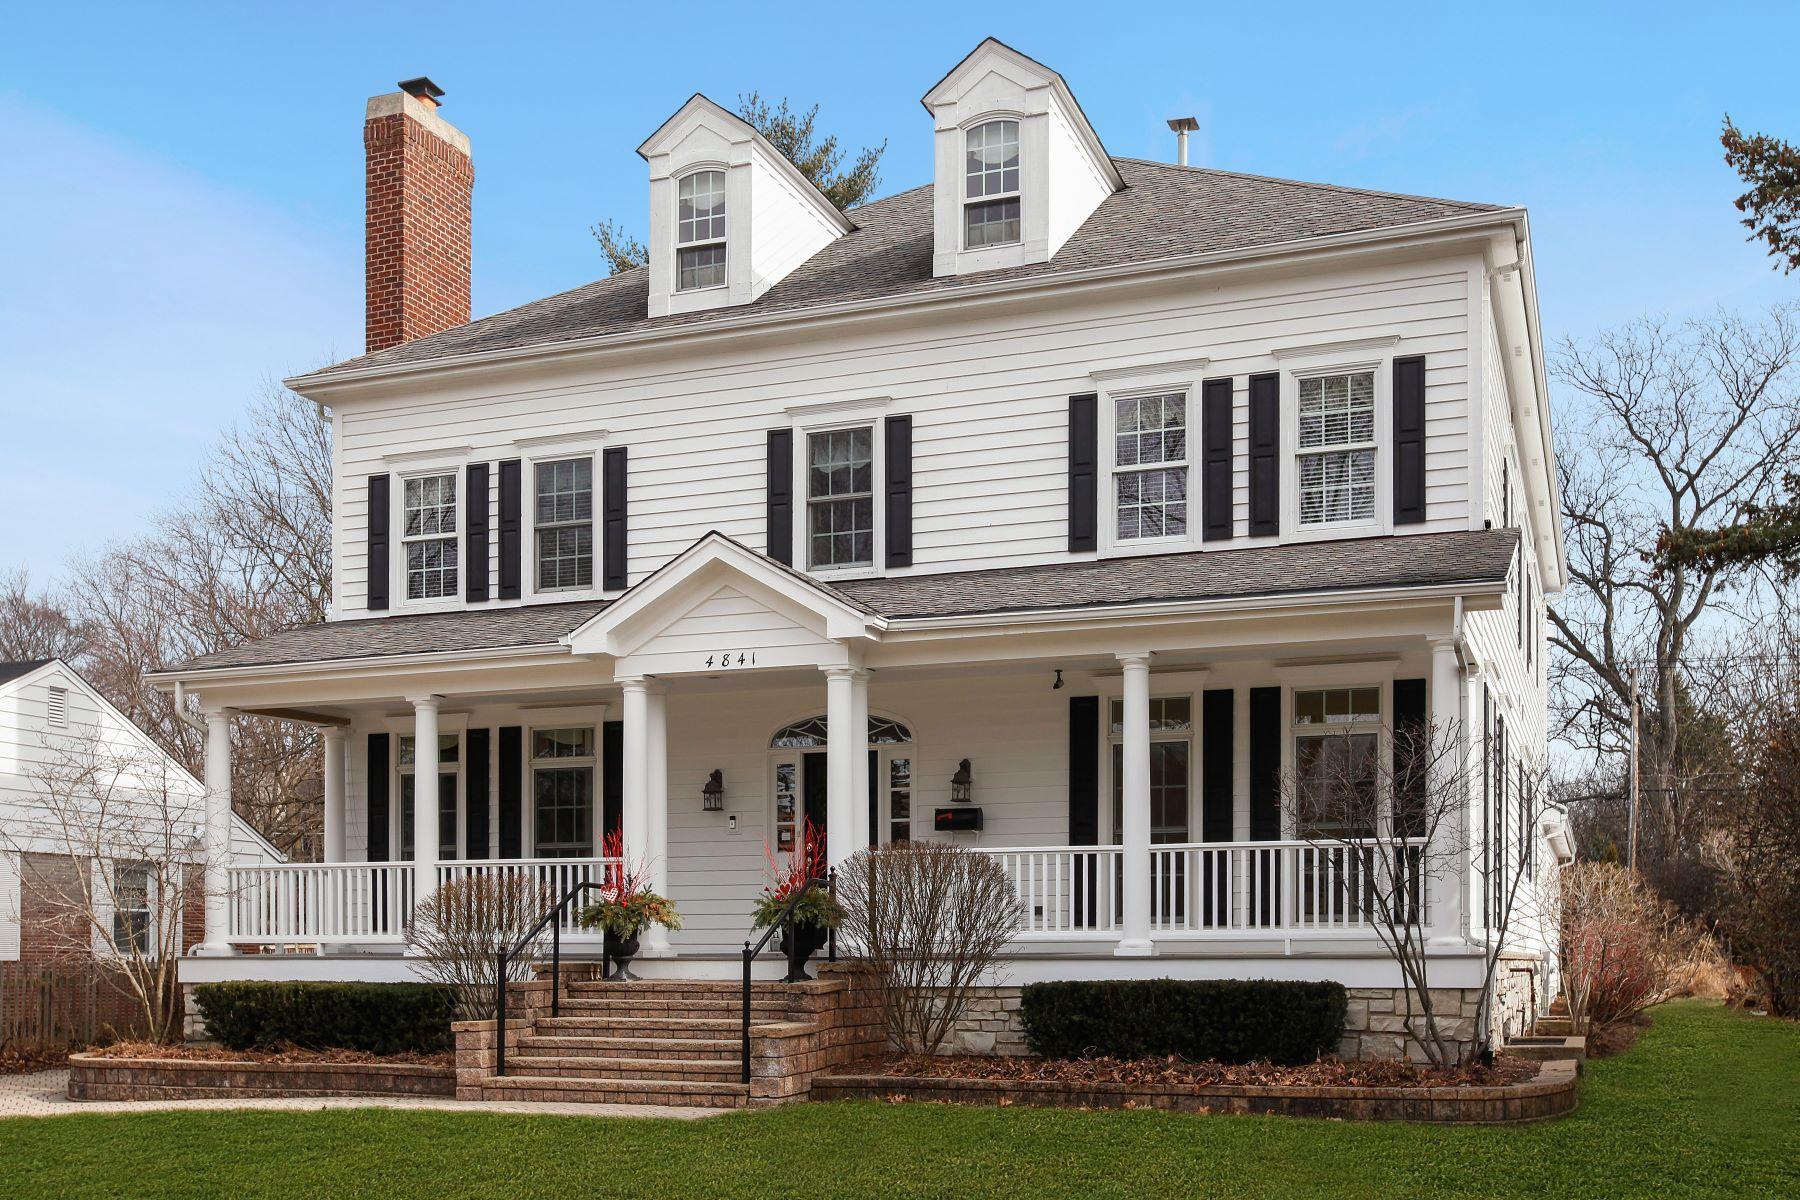 一戸建て のために 売買 アット 4841 Woodland Avenue Western Springs, イリノイ, 60558 アメリカ合衆国